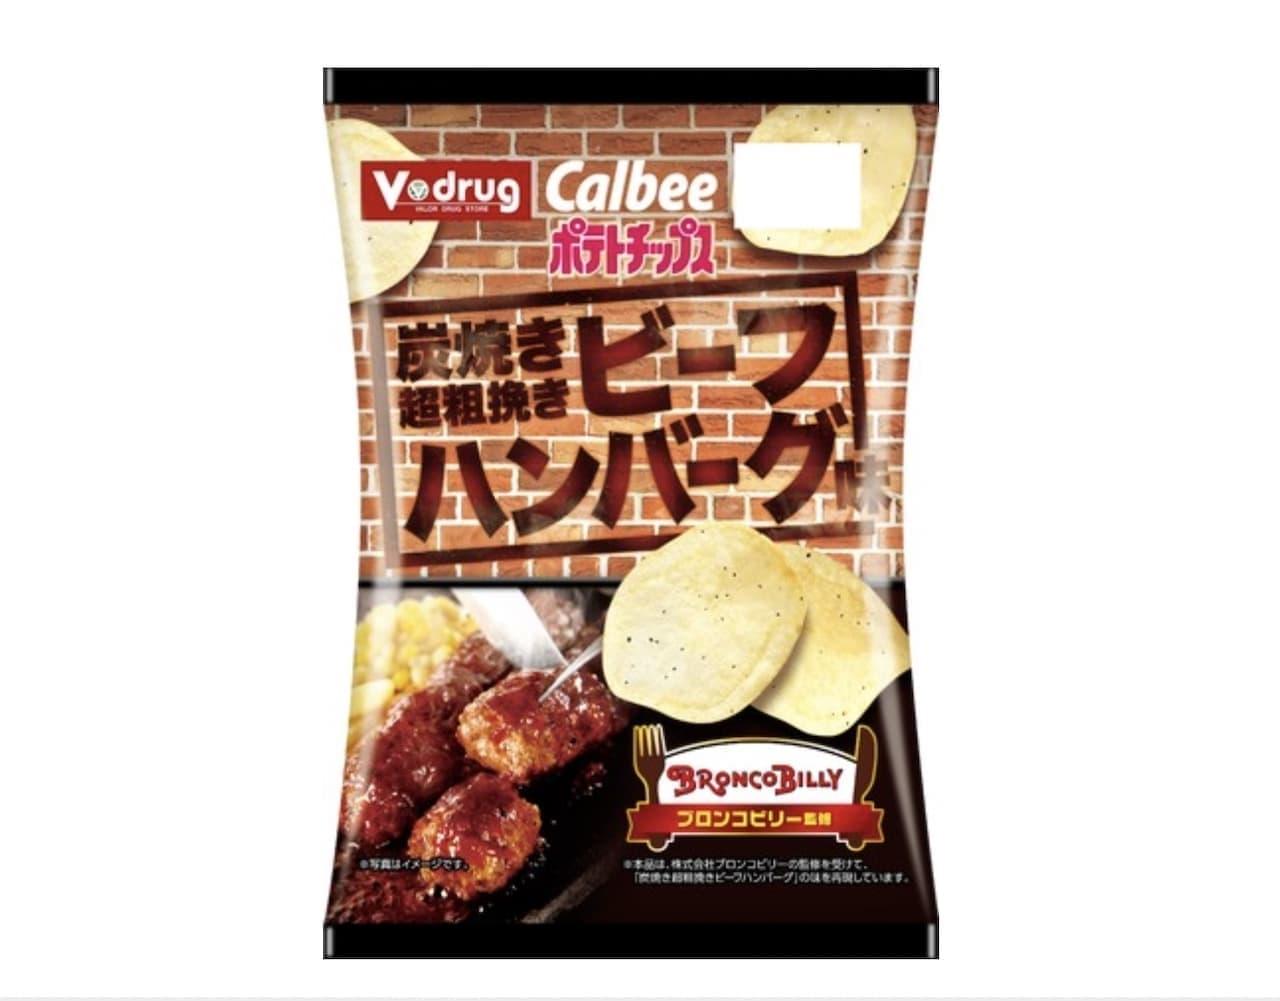 ブロンコビリー「ポテトチップス 炭焼き超粗挽きビーフハンバーグ味」